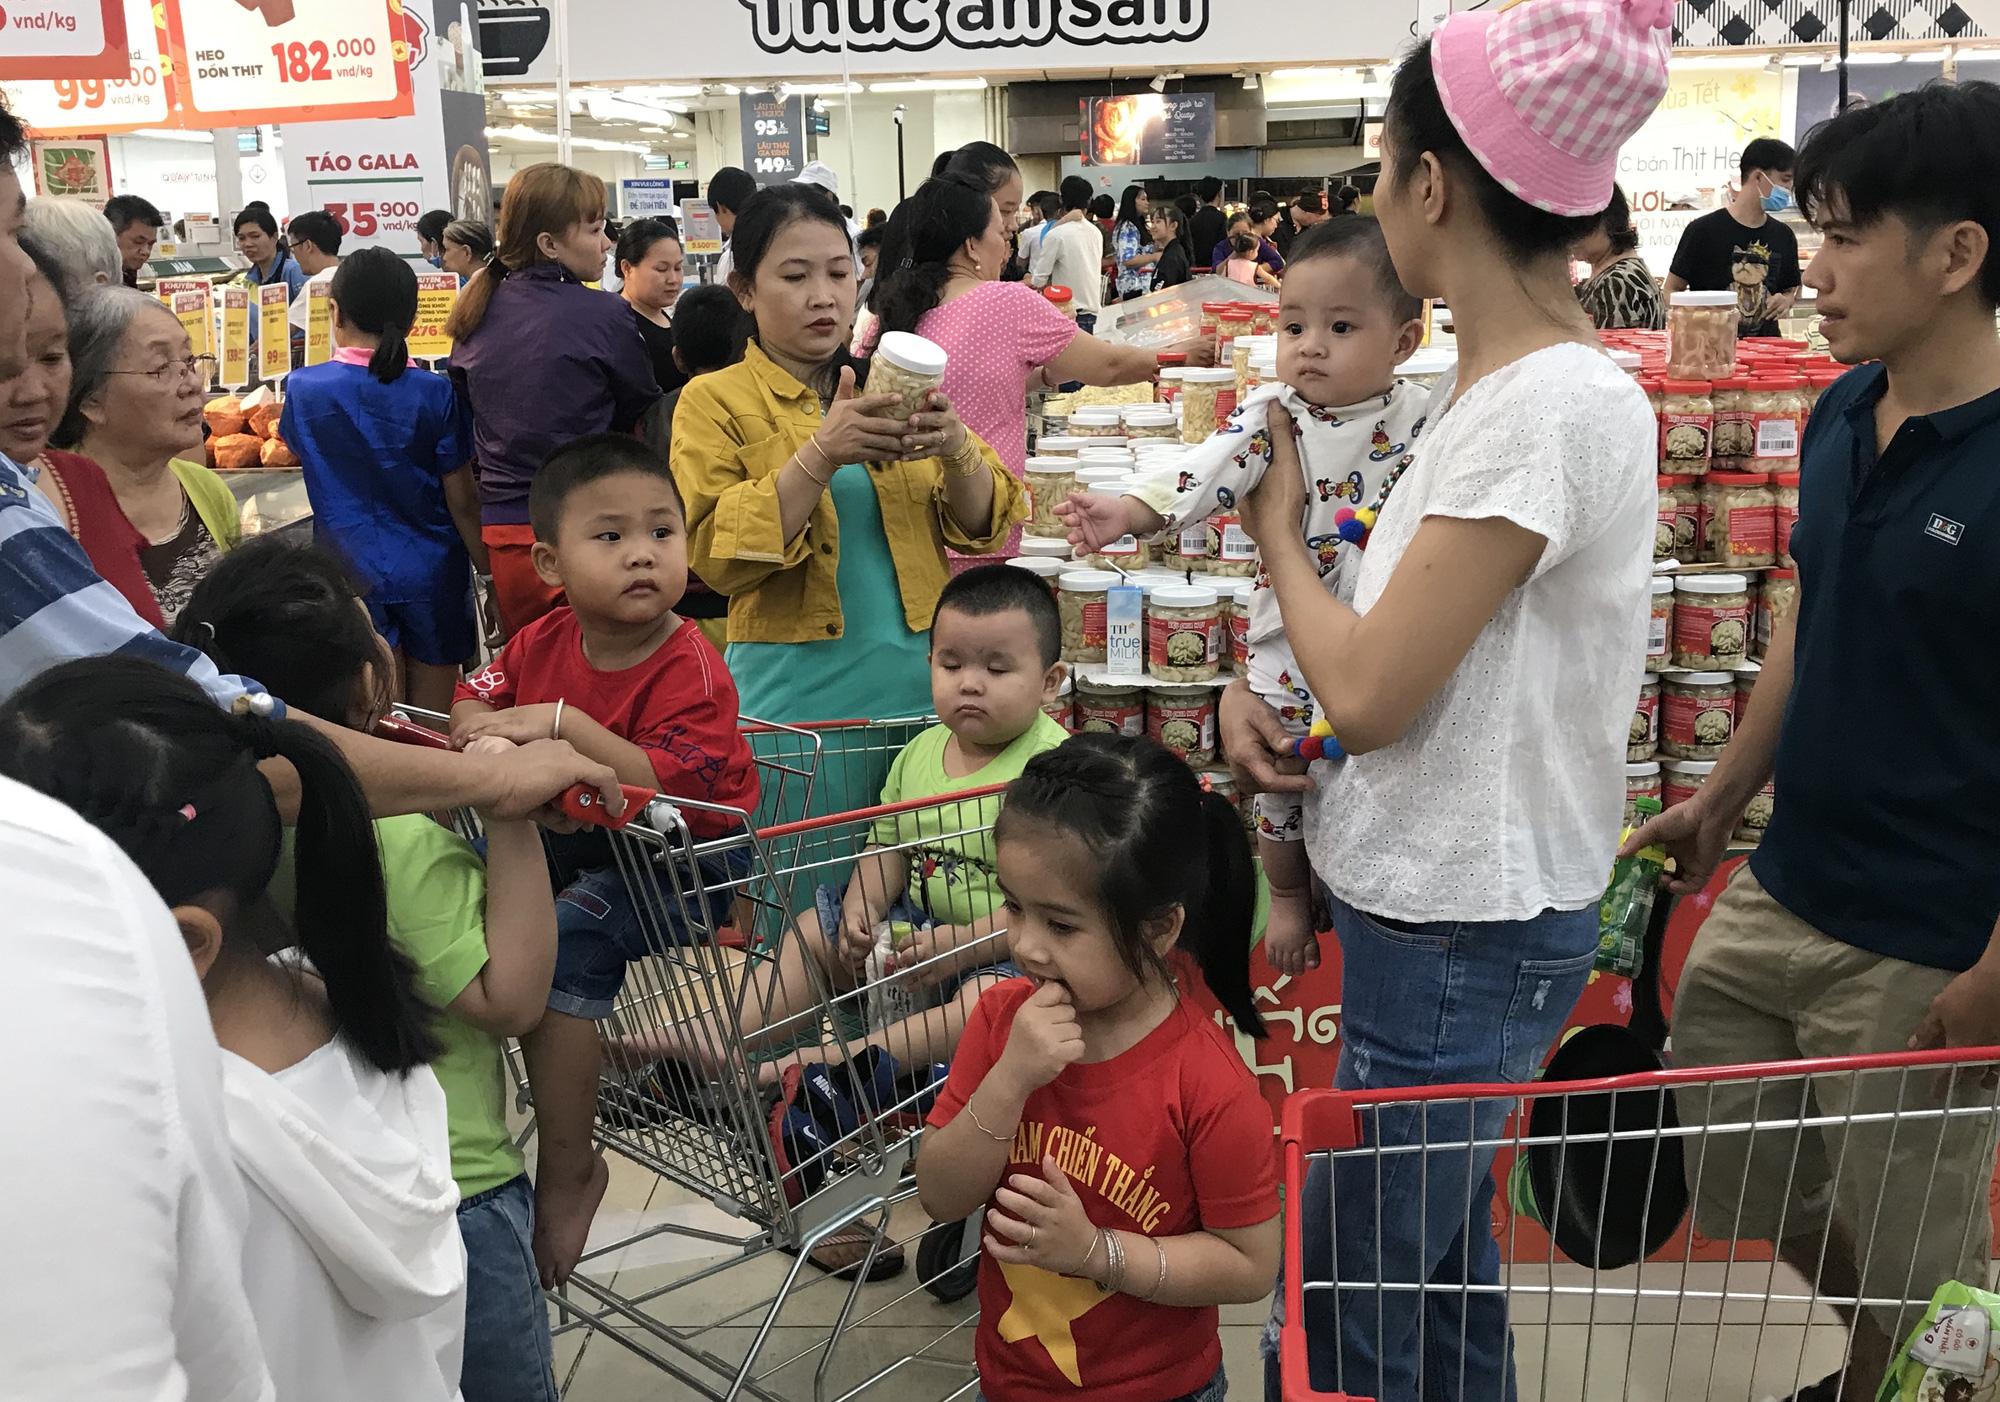 Người Sài Gòn vét sạch siêu thị trước Tết, người lớn xếp hàng chờ cả tiếng, trẻ con mệt mỏi vật vờ - Ảnh 3.